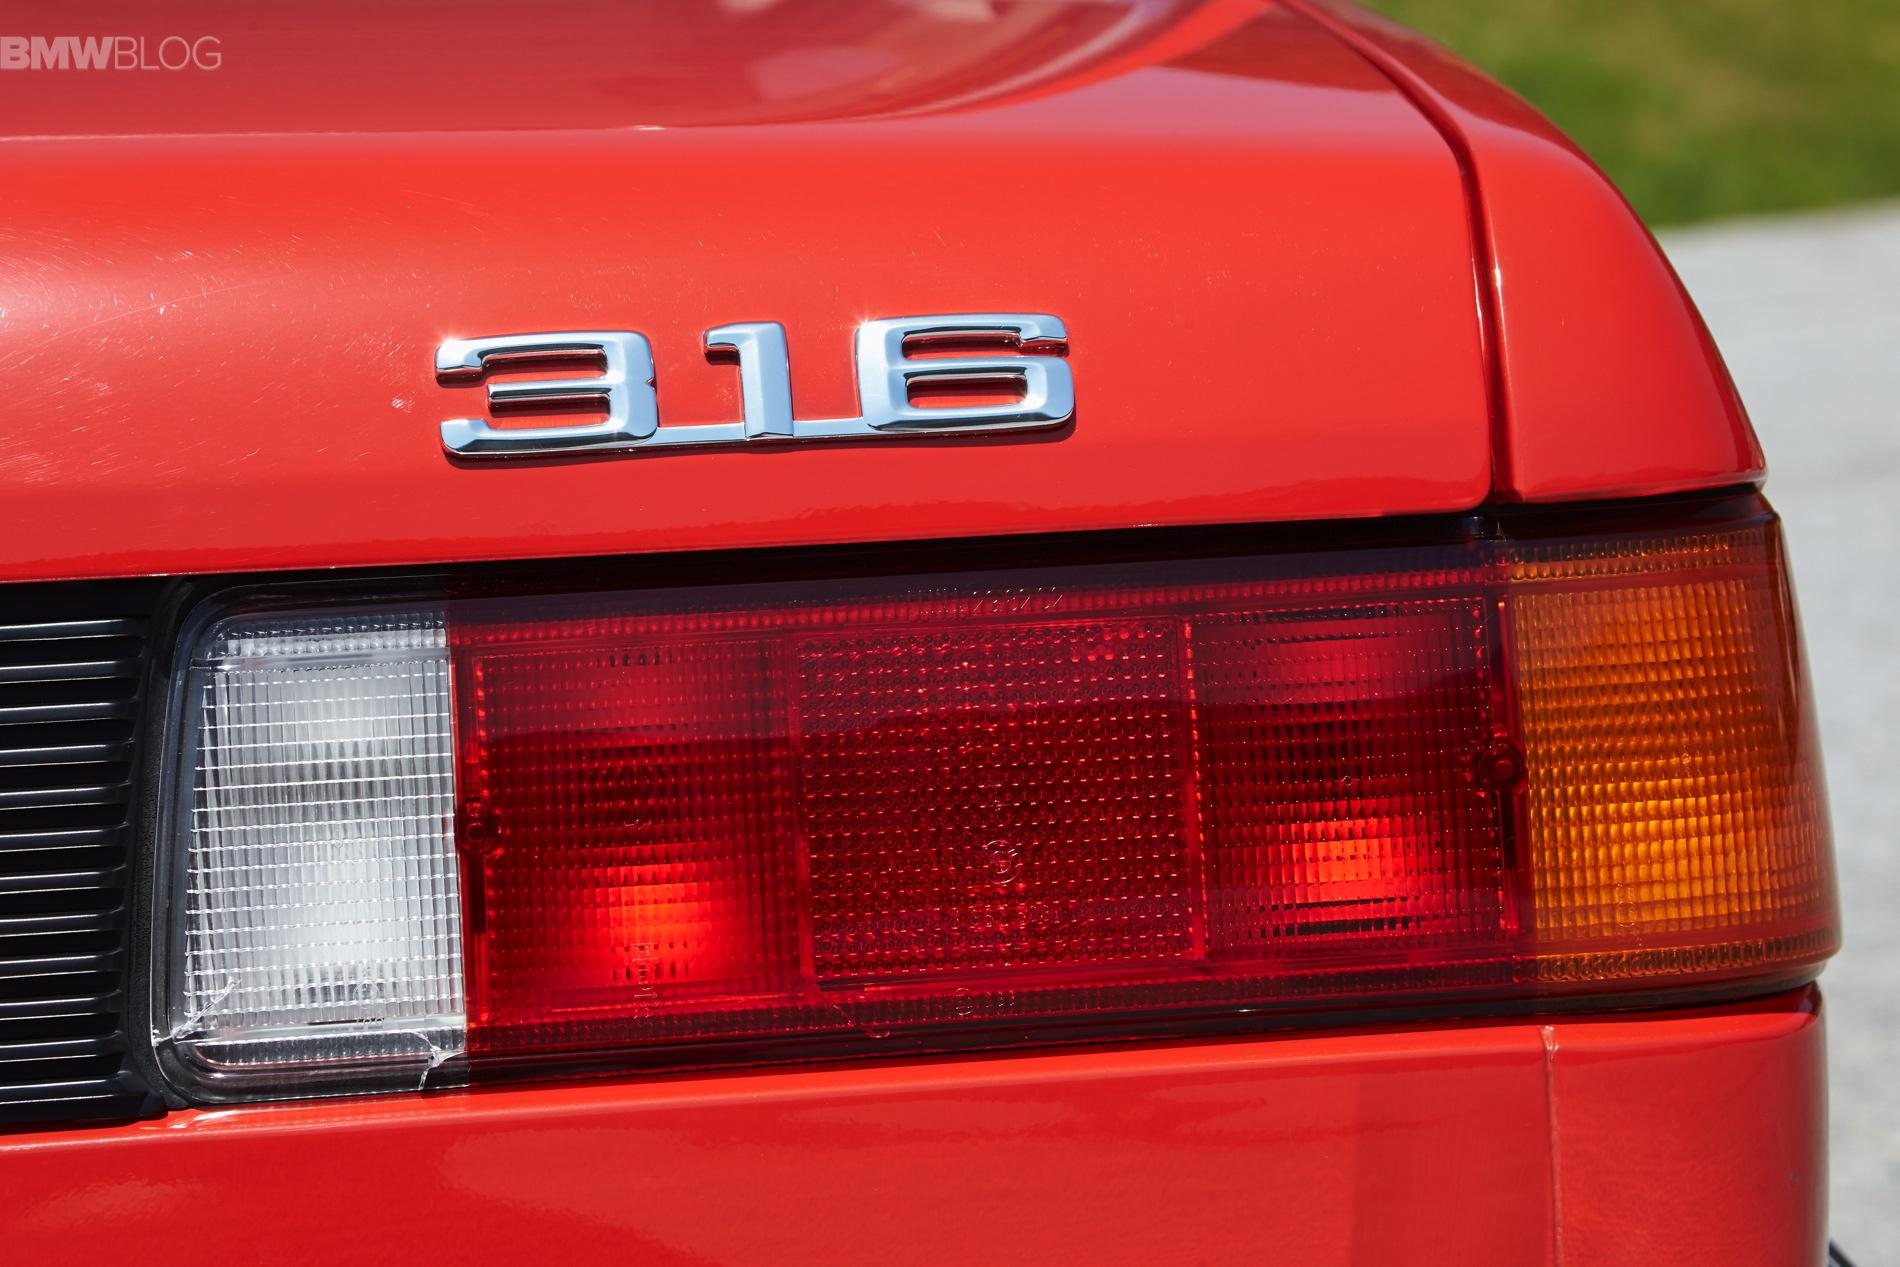 bmw E21 3 Series 1900x1200 08